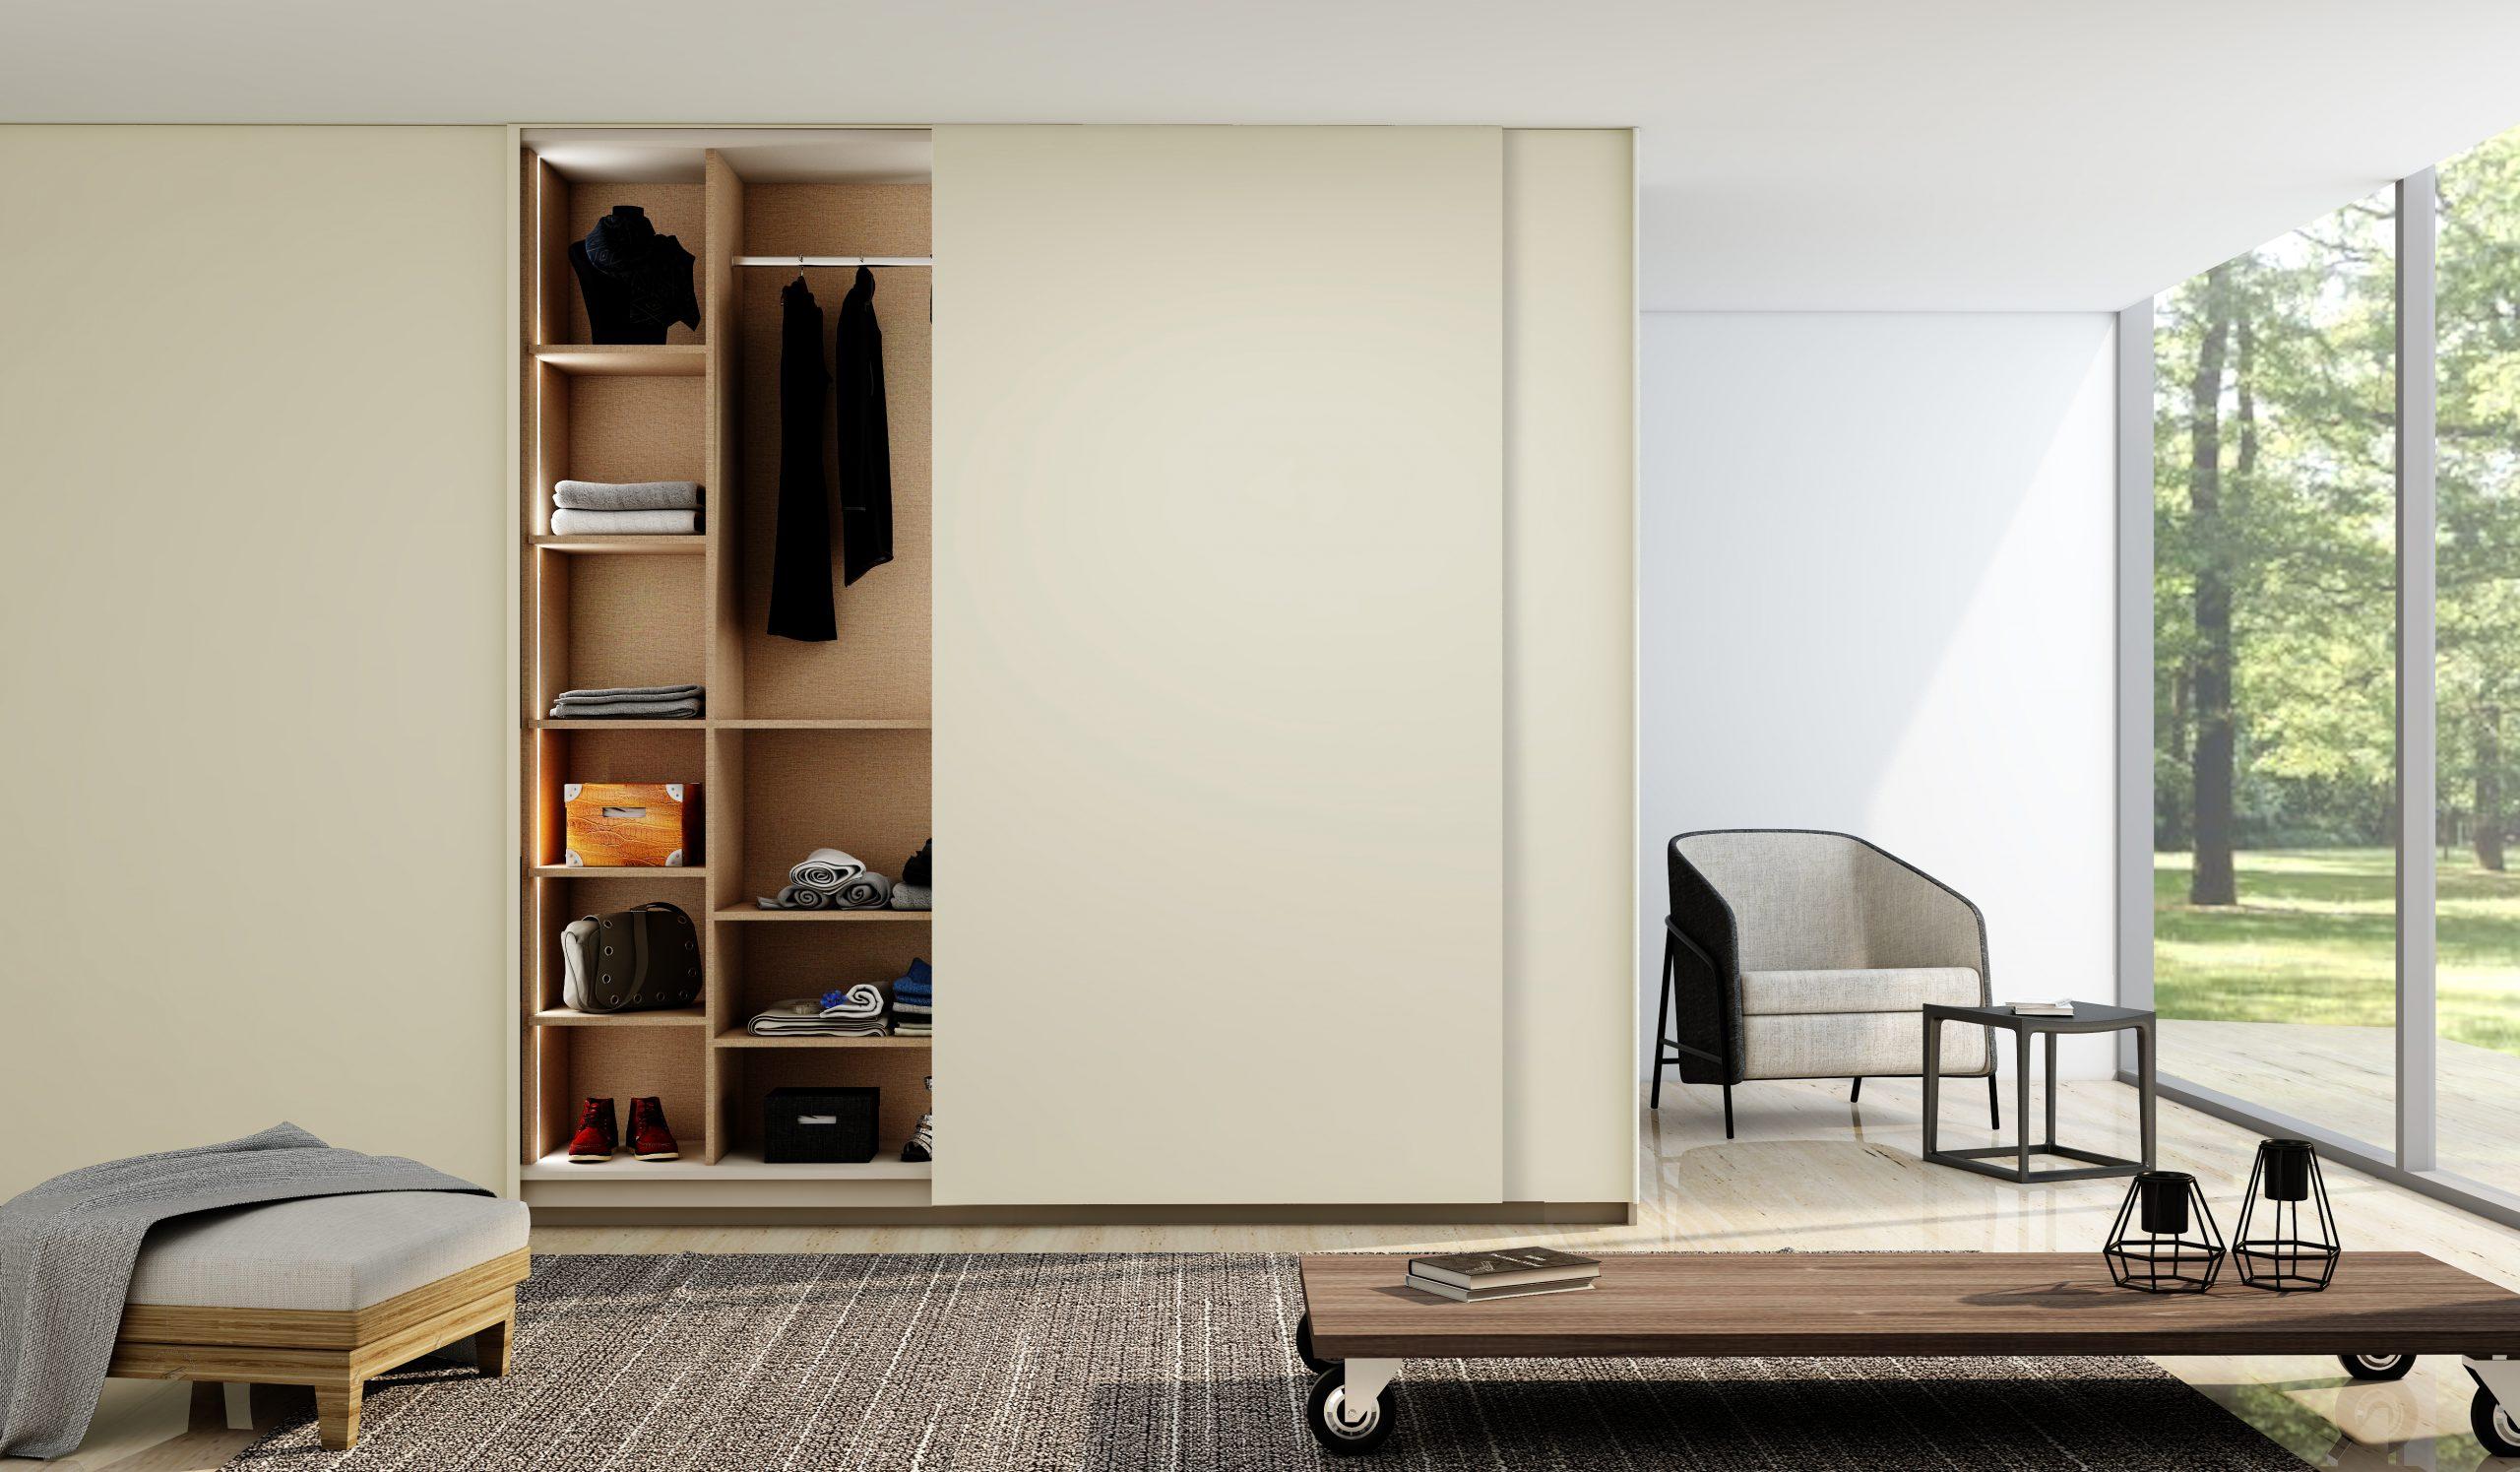 Fitted Sliding Door Wardrobe Frameless Top Hung Doors in Cream Matt Finish